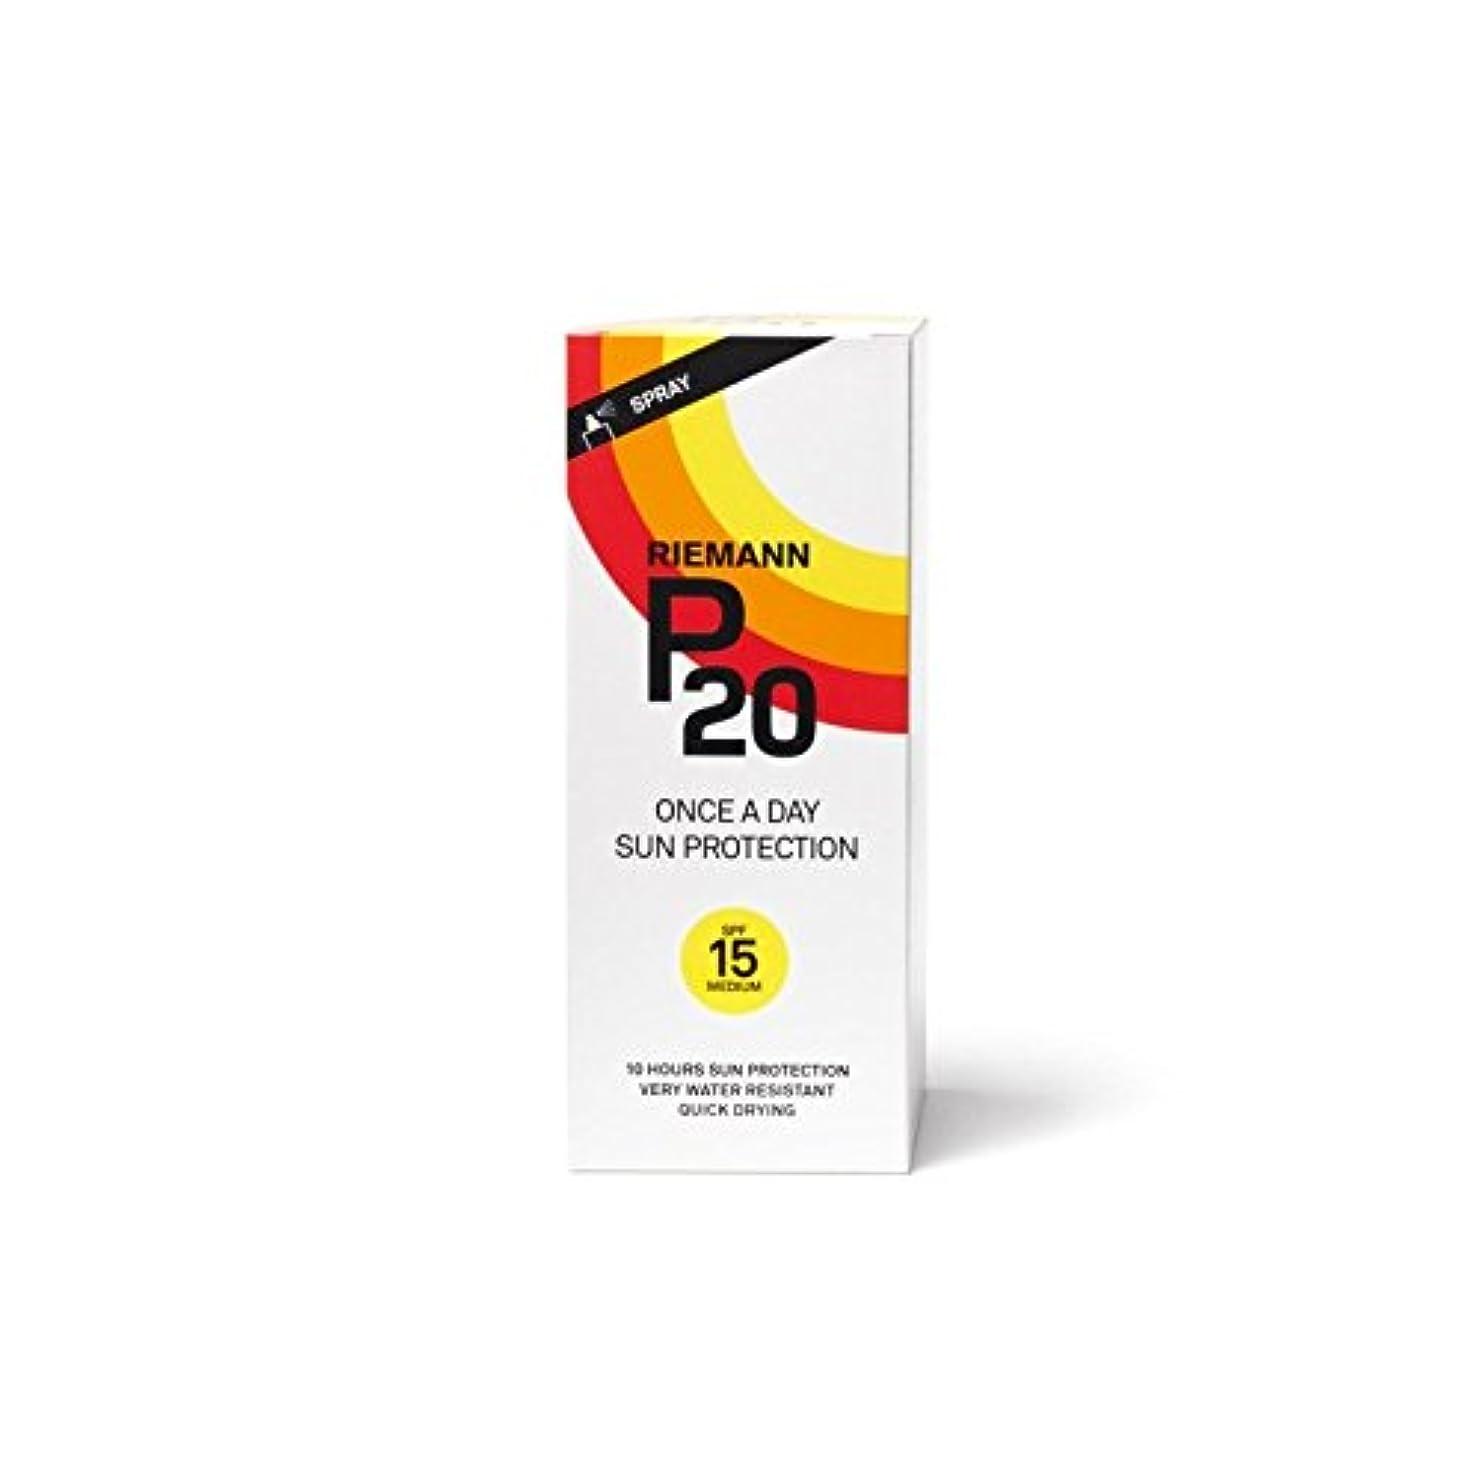 矢印実業家真向こうRiemann P20 Sun Filter 200ml SPF15 - リーマン20のサンフィルター200ミリリットル15 [並行輸入品]